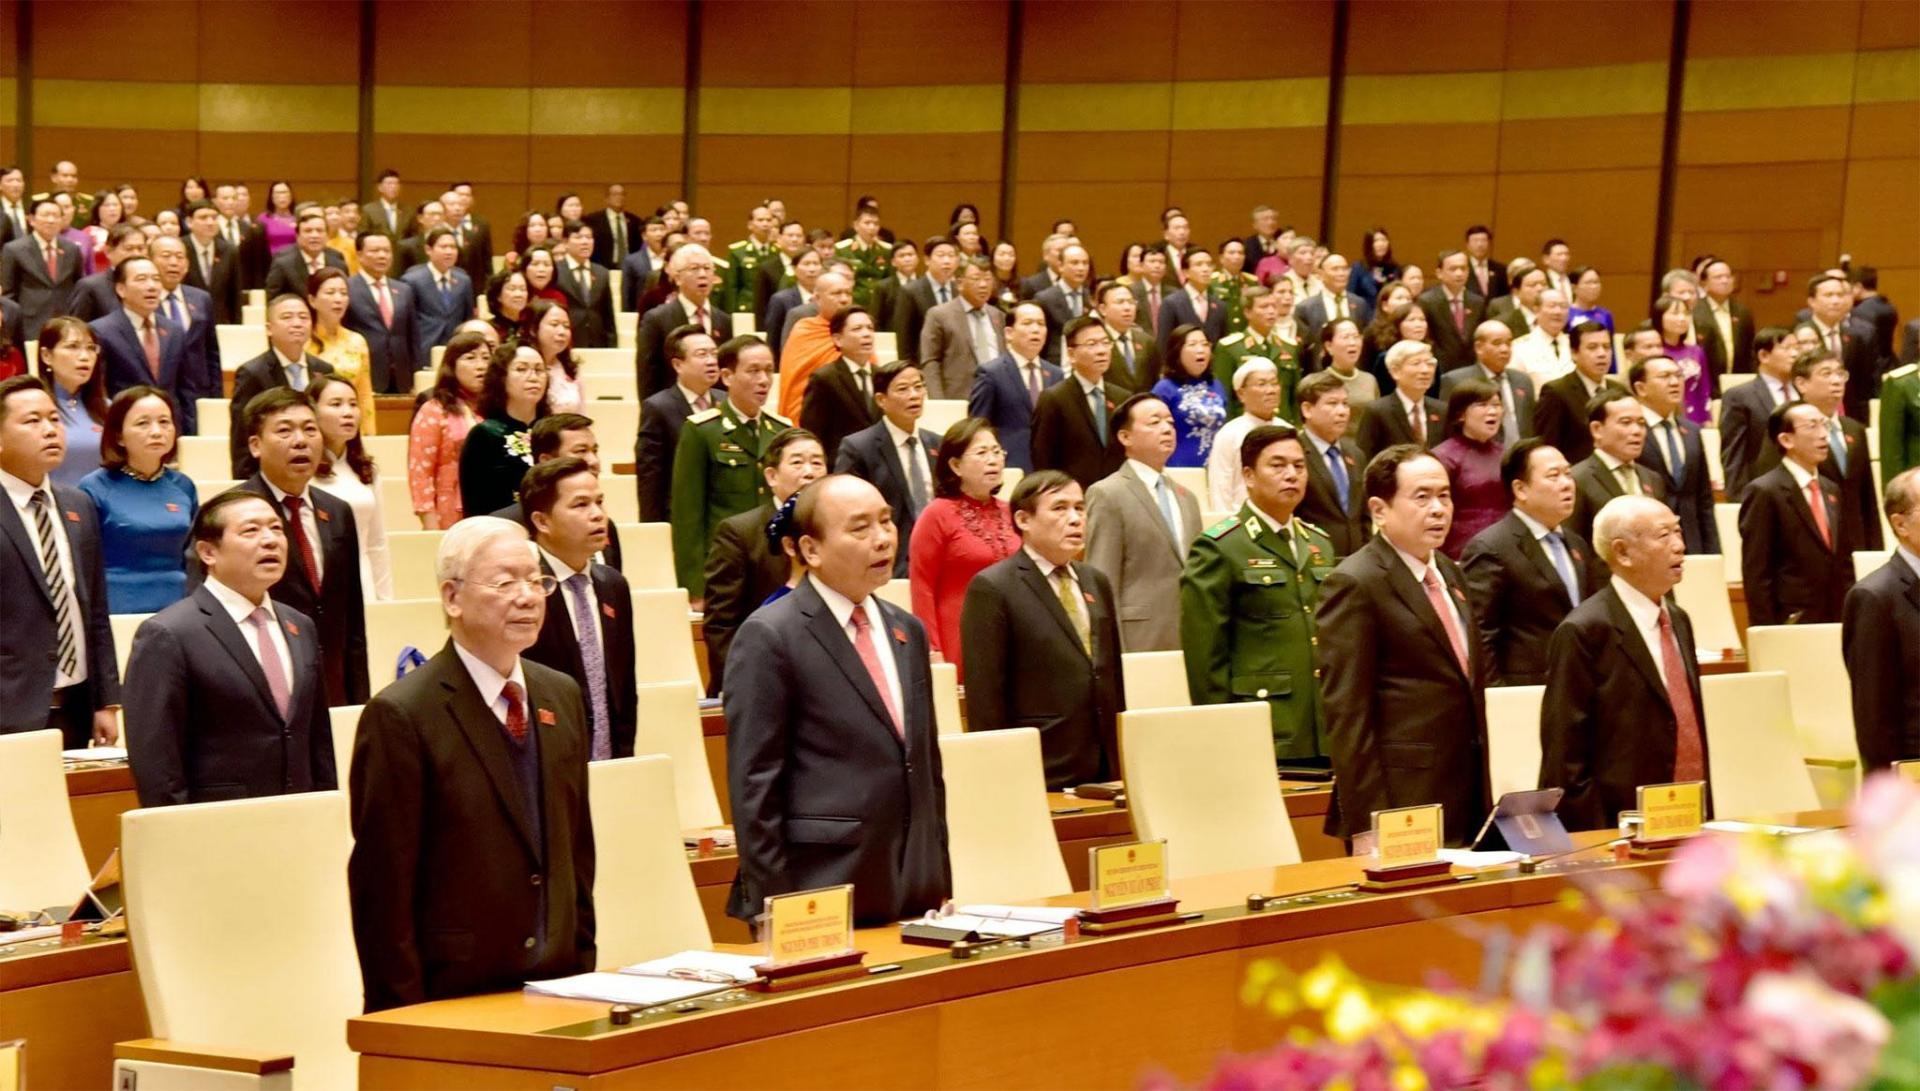 Các đồng chí lãnh đạo Đảng, Nhà nước và các đại biểu tham dự Kỳ họp thứ 11 Quốc hội khóa XIV.